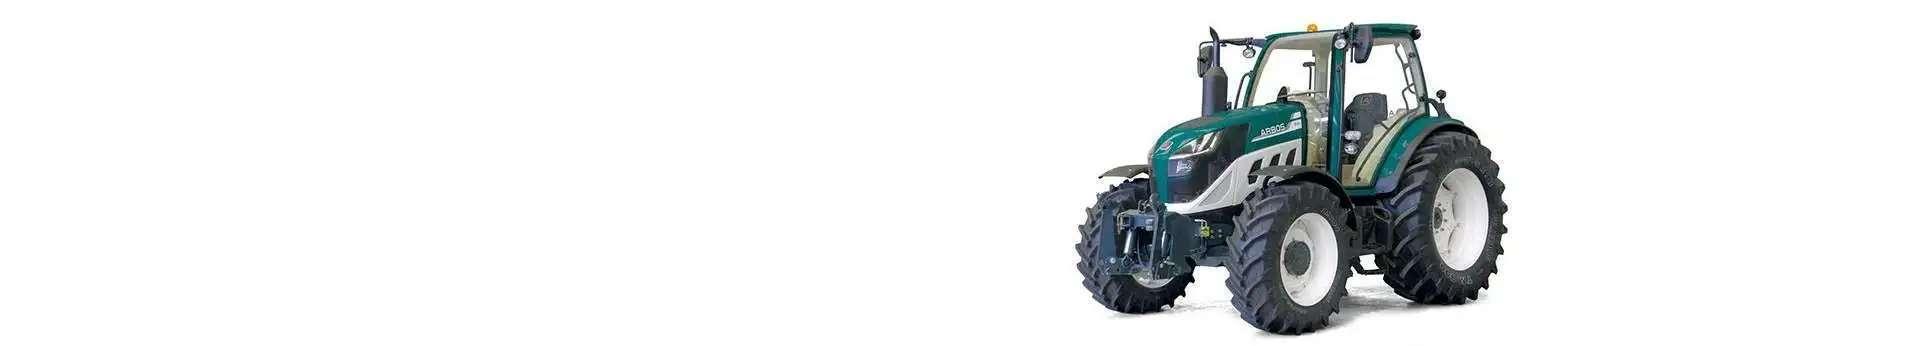 ciągnik rolniczy ARBOS seria 5100 nowy lewy przód